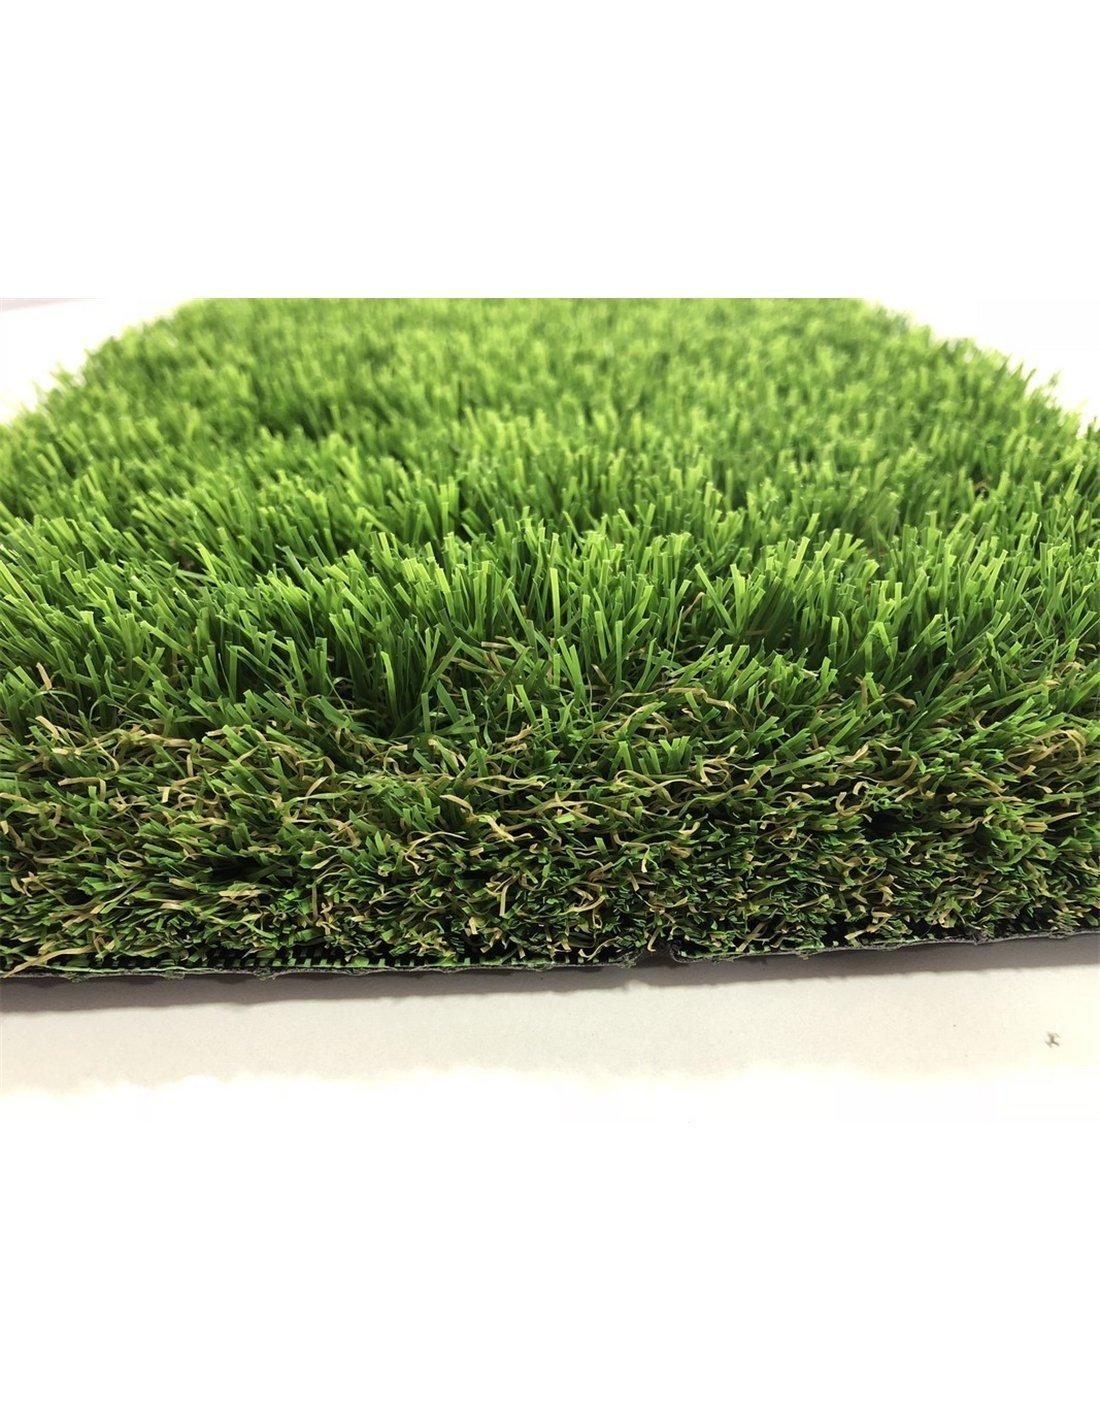 Jardin202 - Cesped Artificial Sevilla 40mm - Corte a Medida: Amazon.es: Jardín